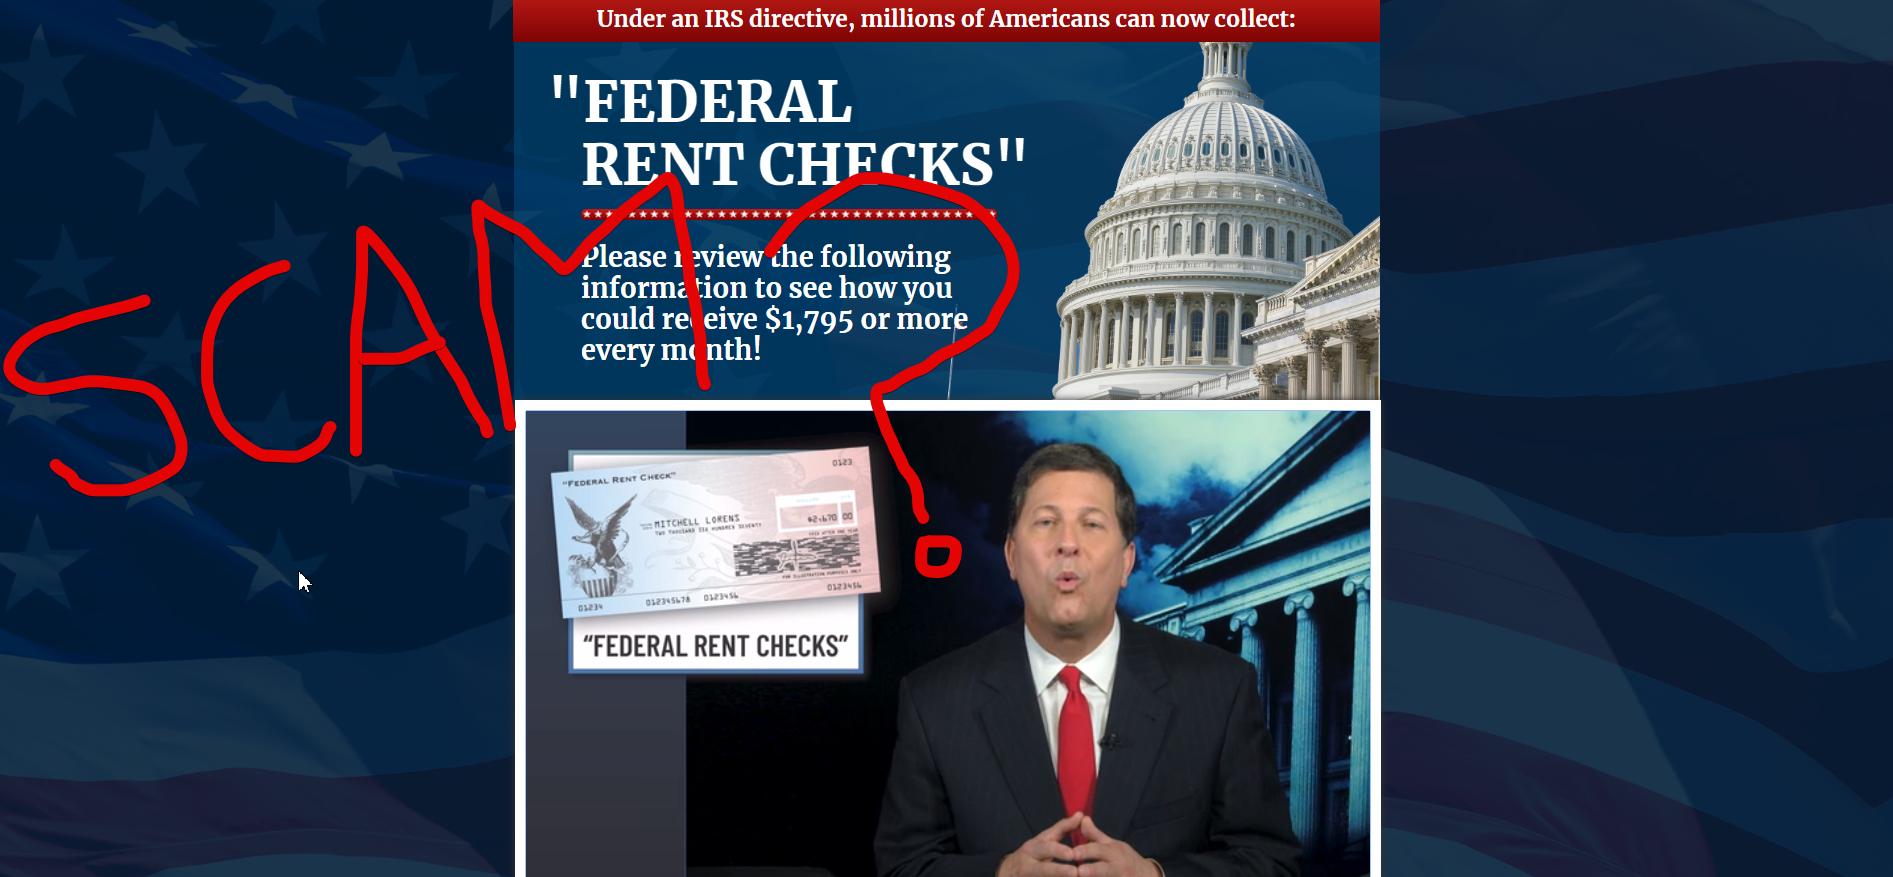 Federal Rent Checks Scam